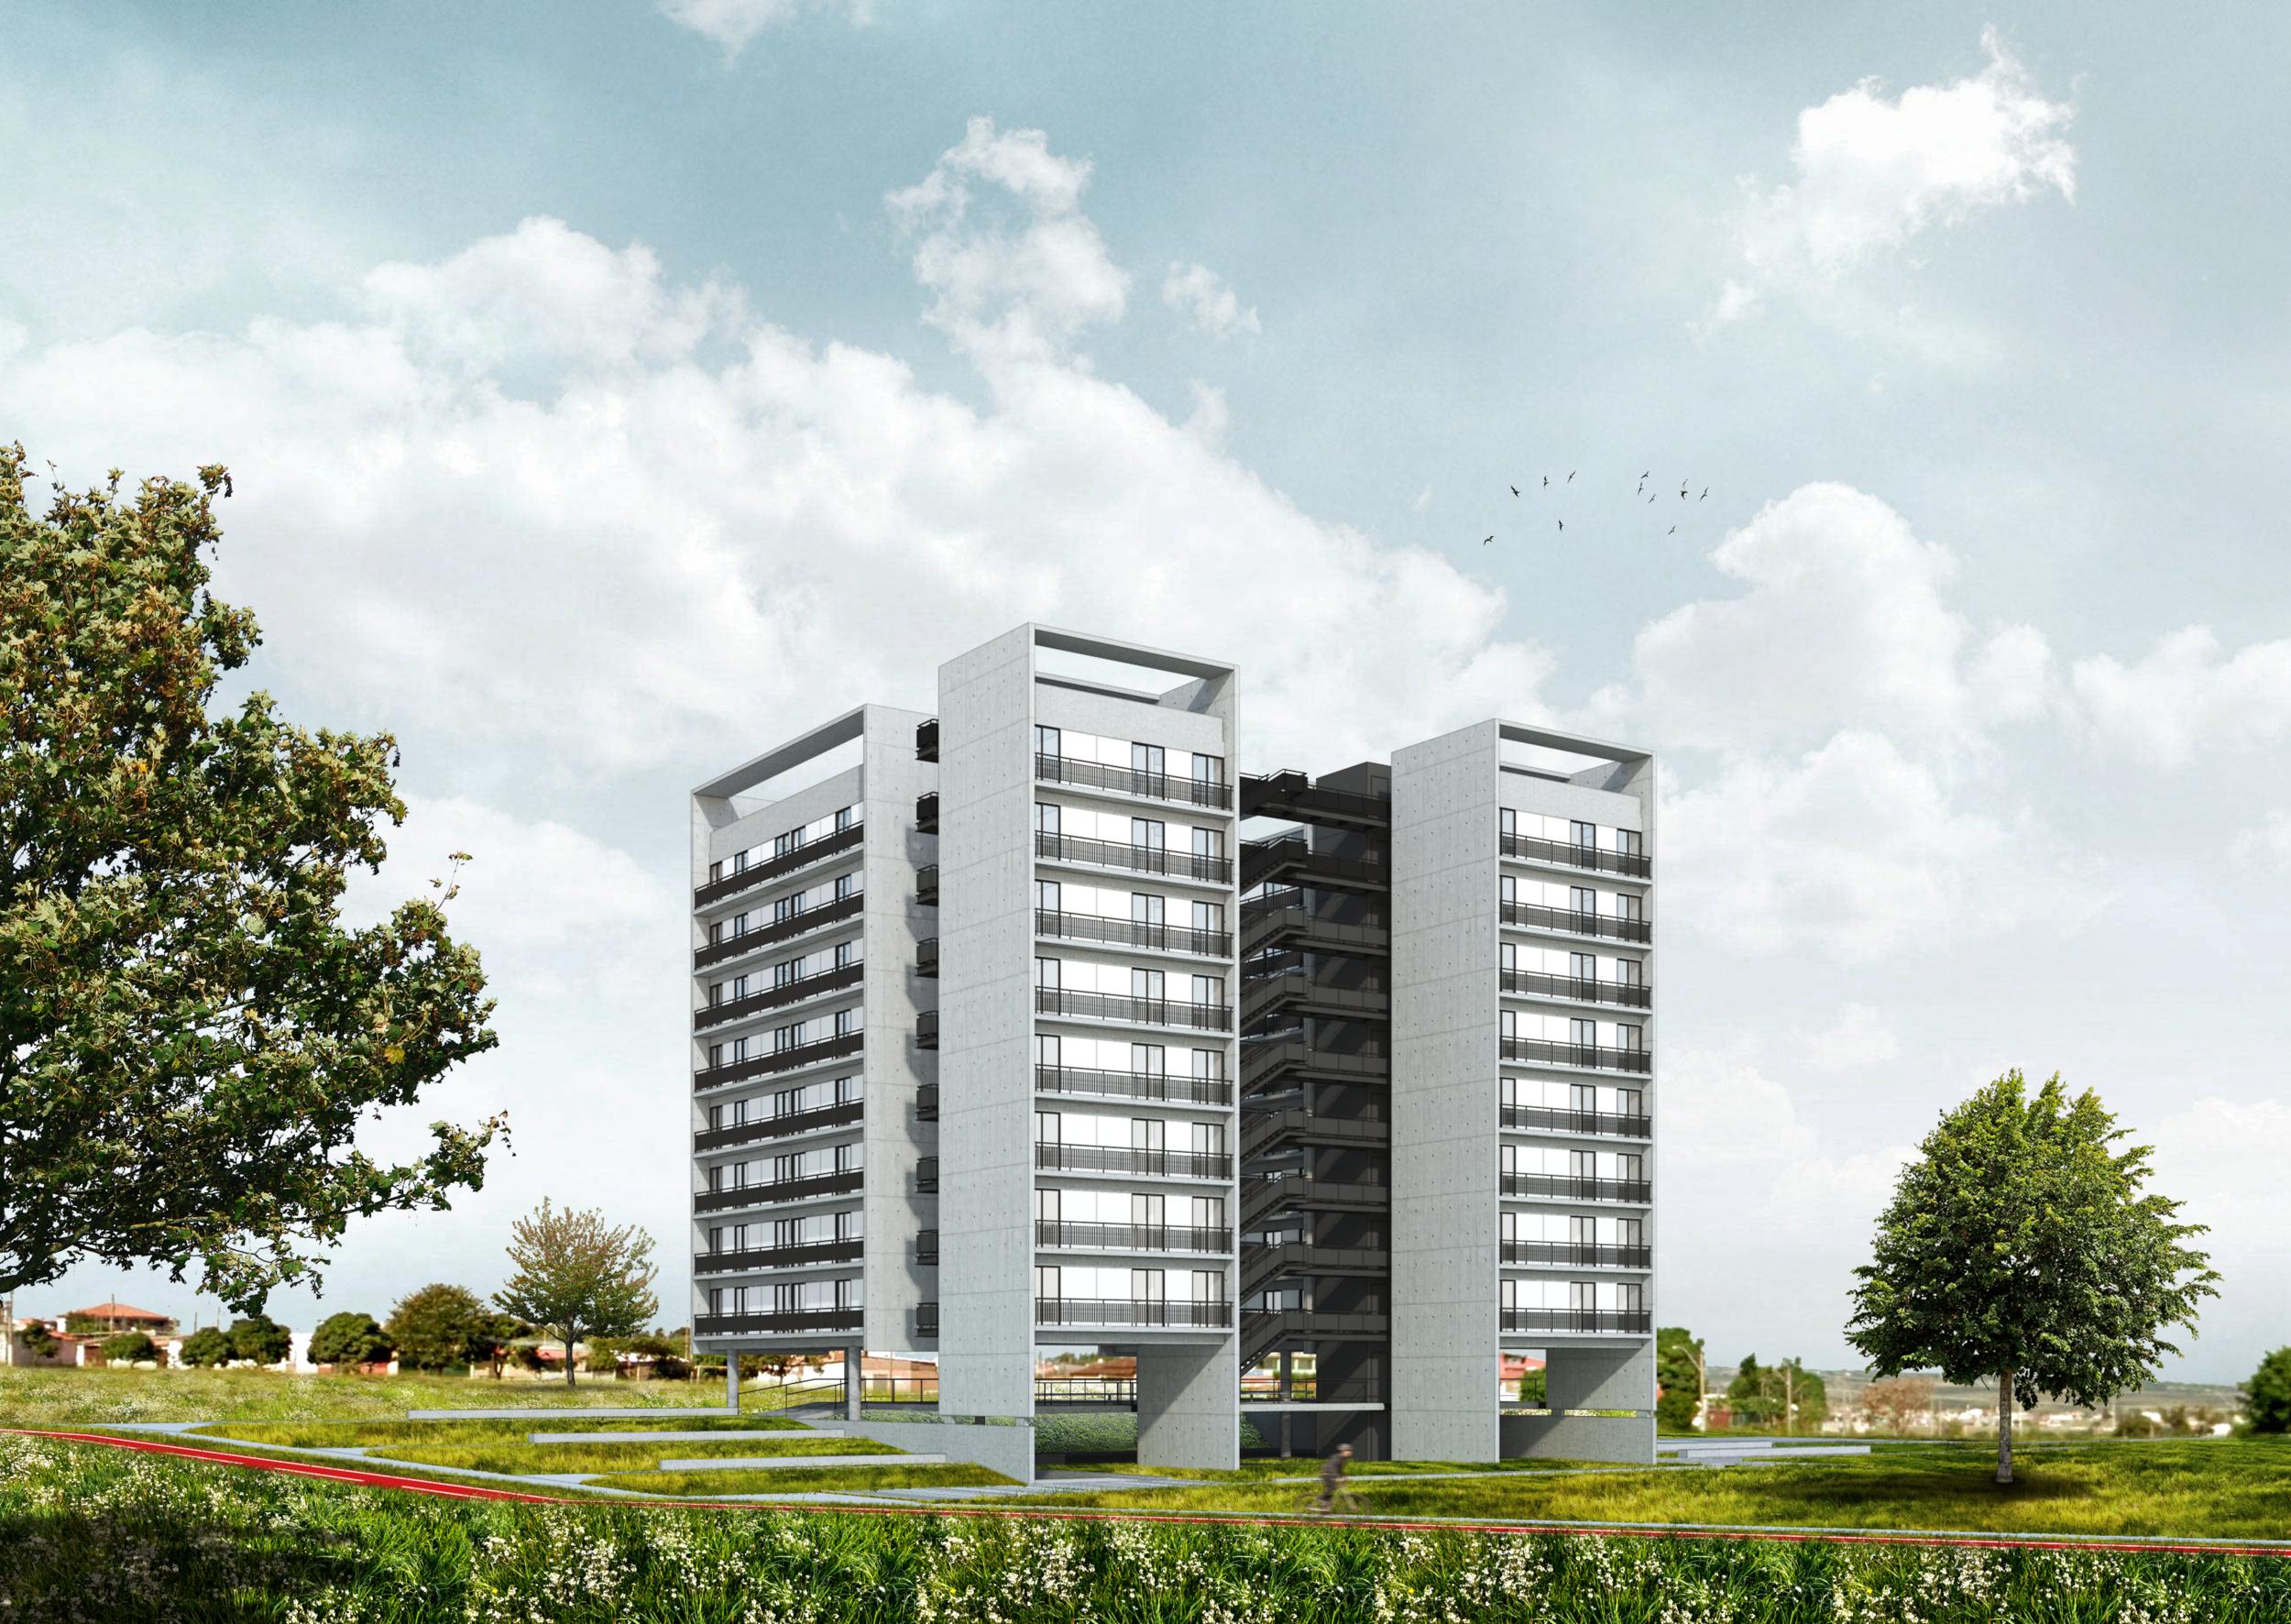 Unidades Habitacionais   Samambaia   Distrito Federal   Brasil